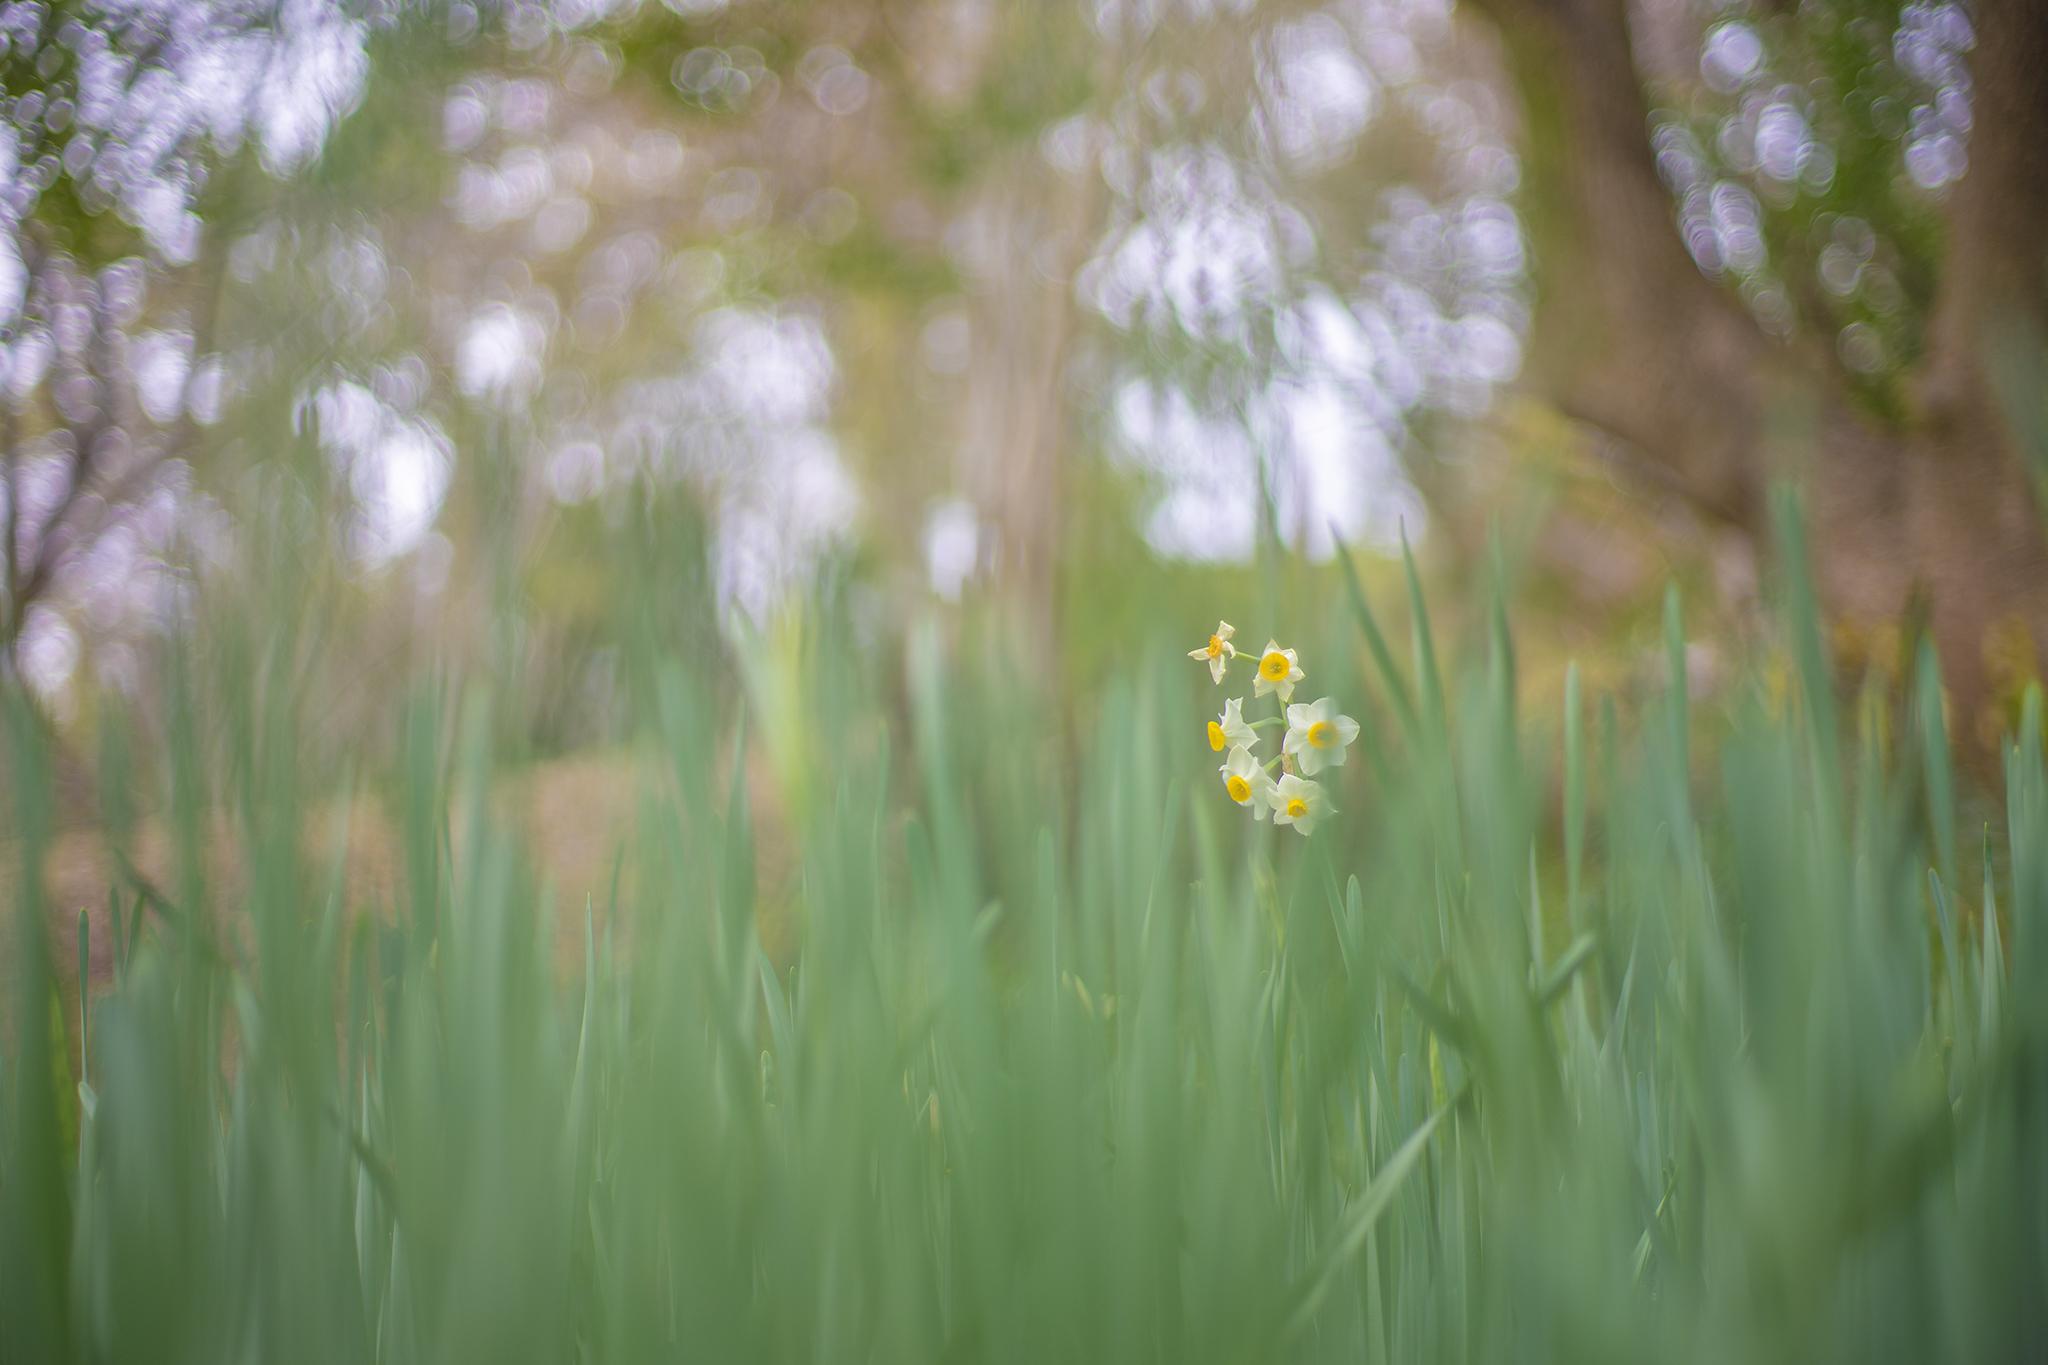 スイセンが咲く季節になった。